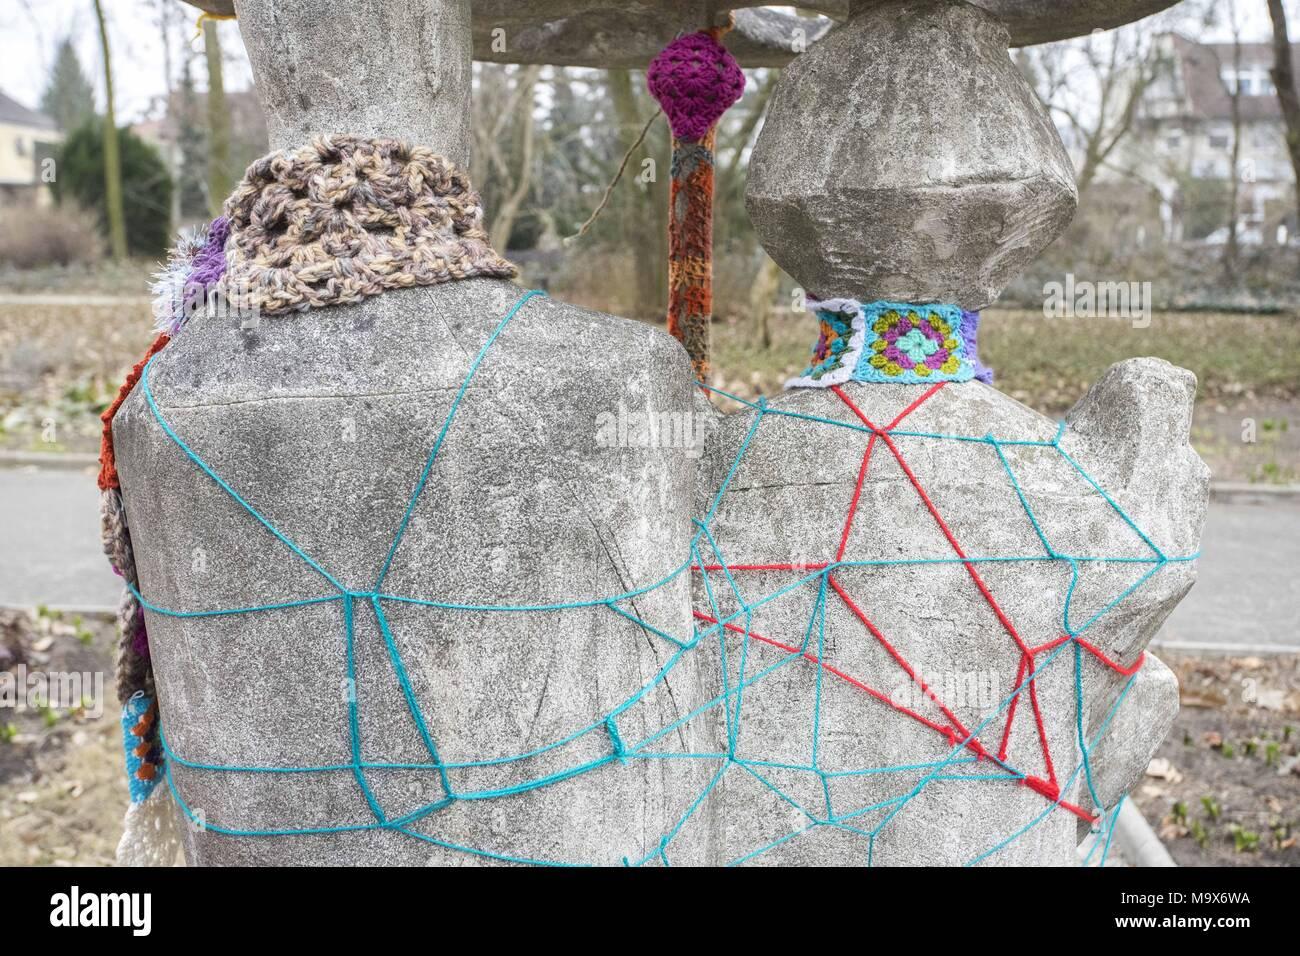 Fantastisch Häkeln Sie Draht Skulptur Fotos - Elektrische Schaltplan ...